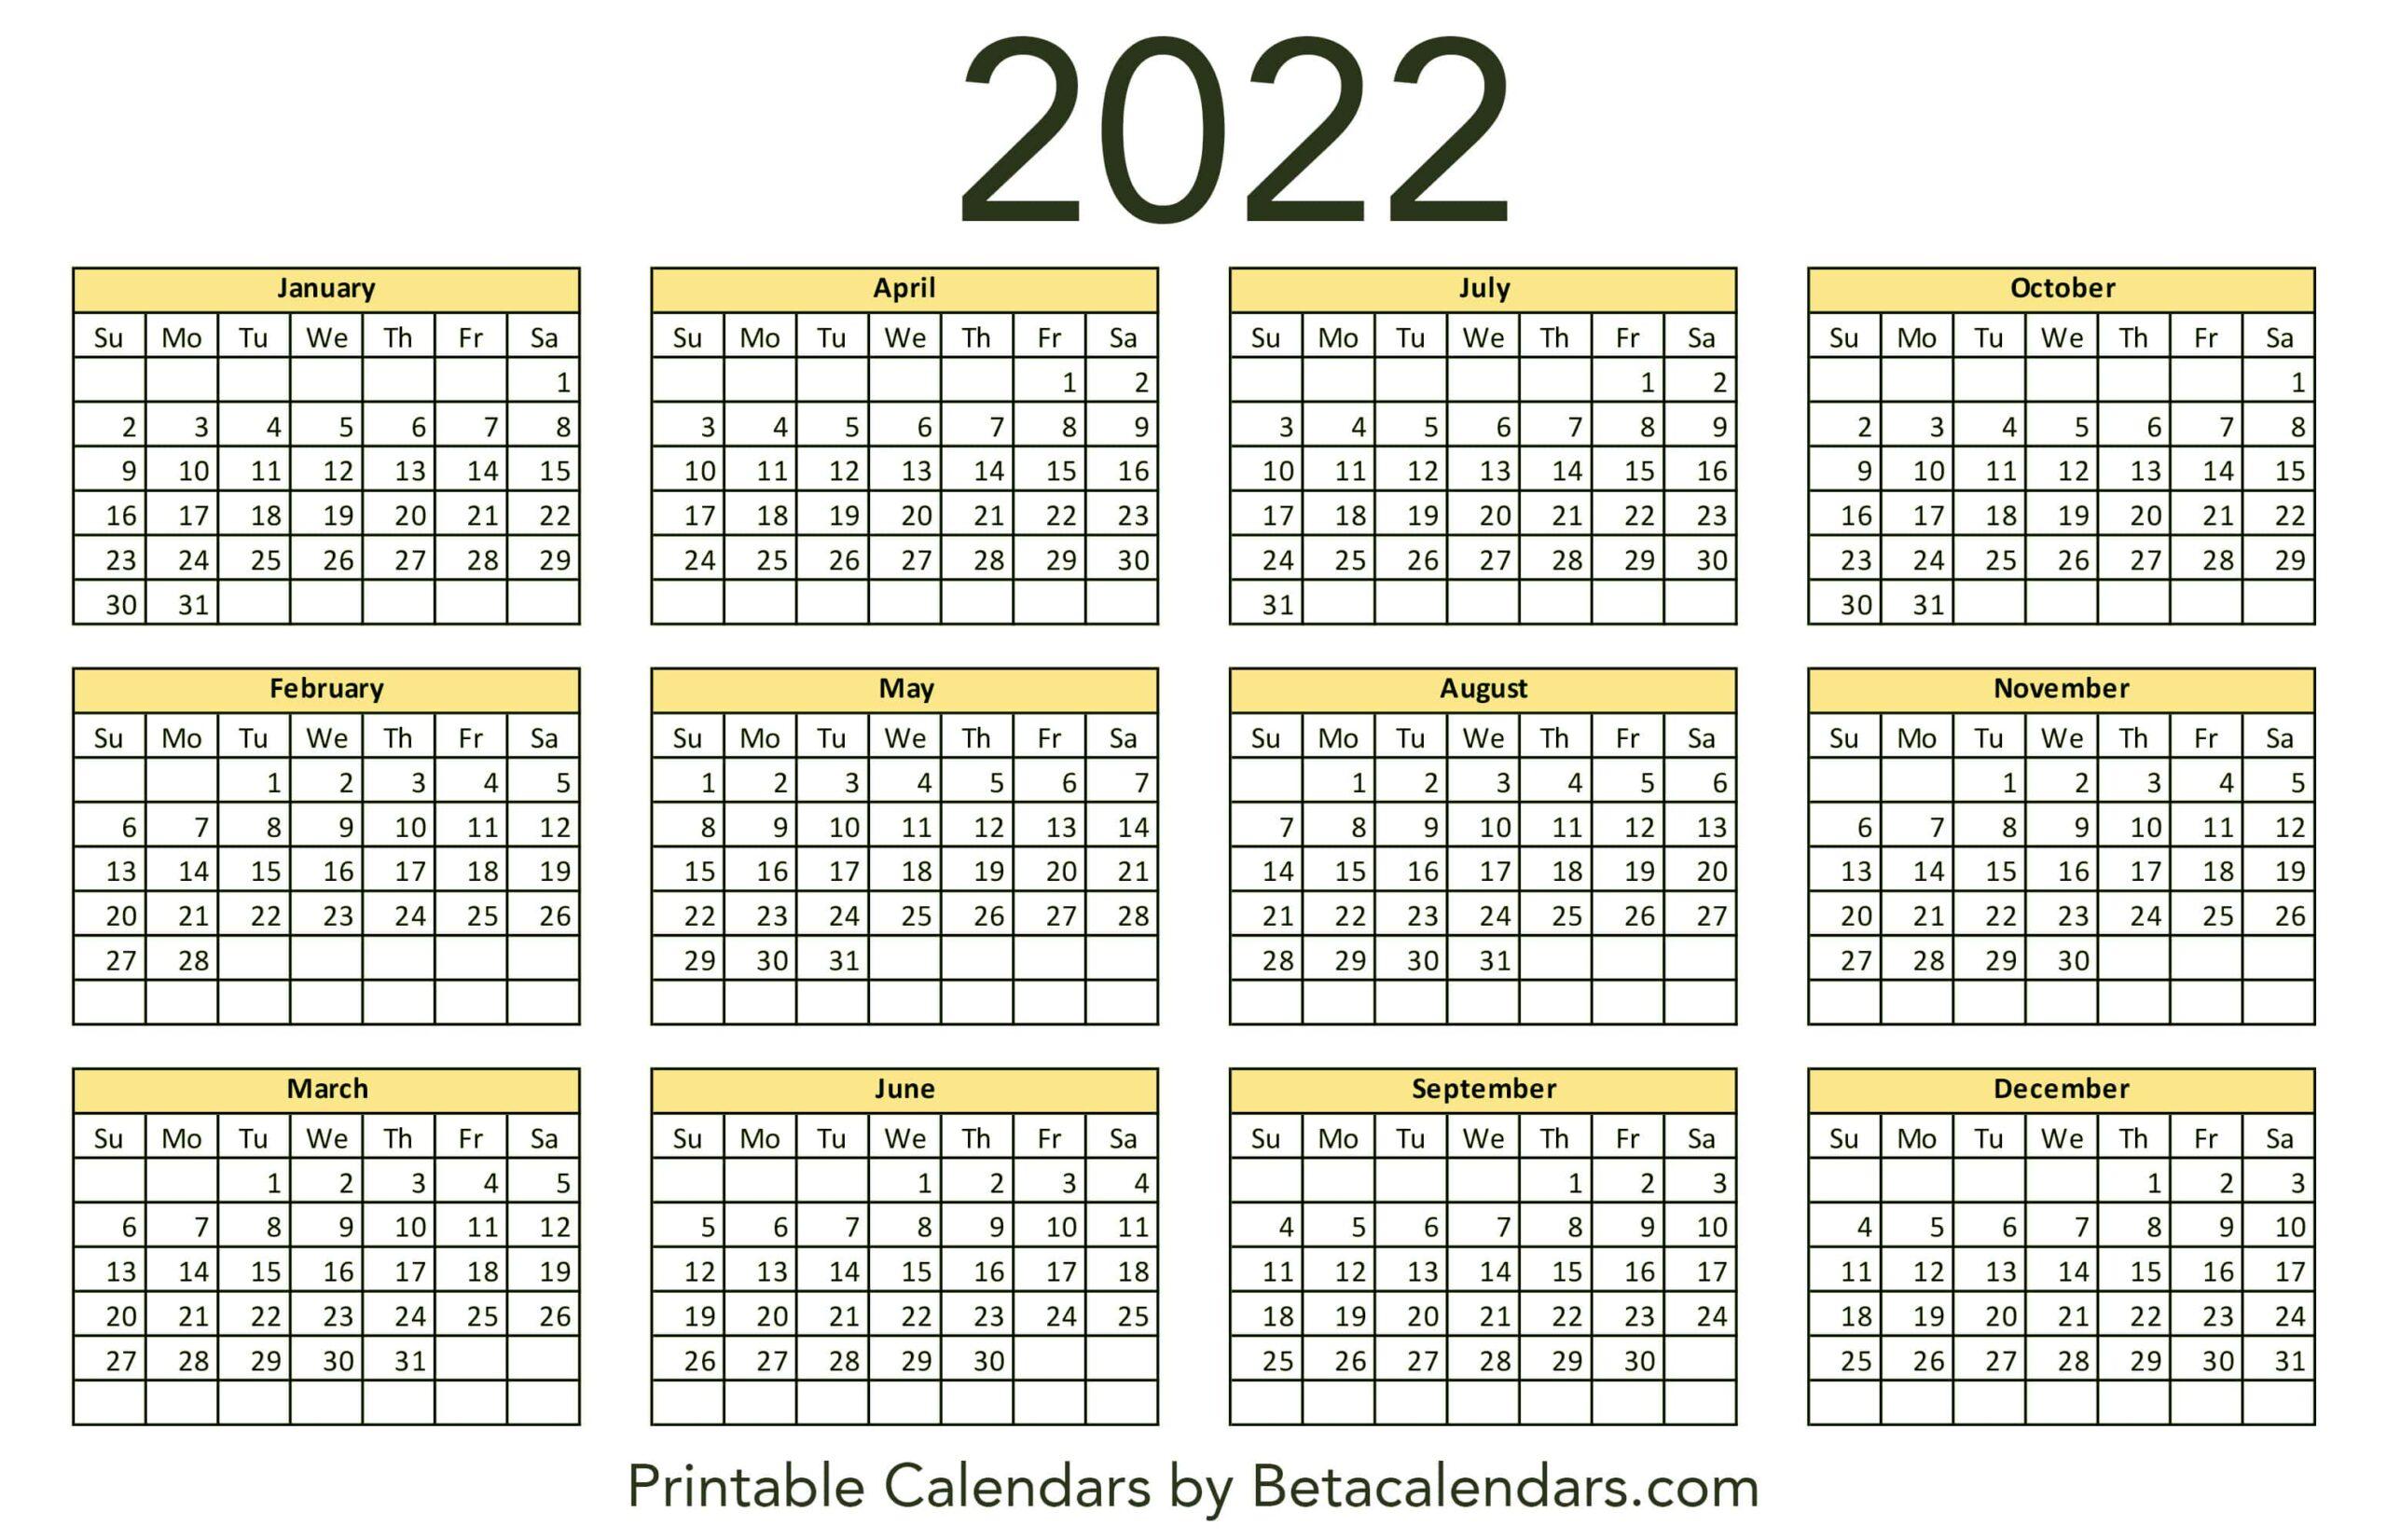 Calendar 2022 Printable Pdf.2022 Calendar Beta Calendars